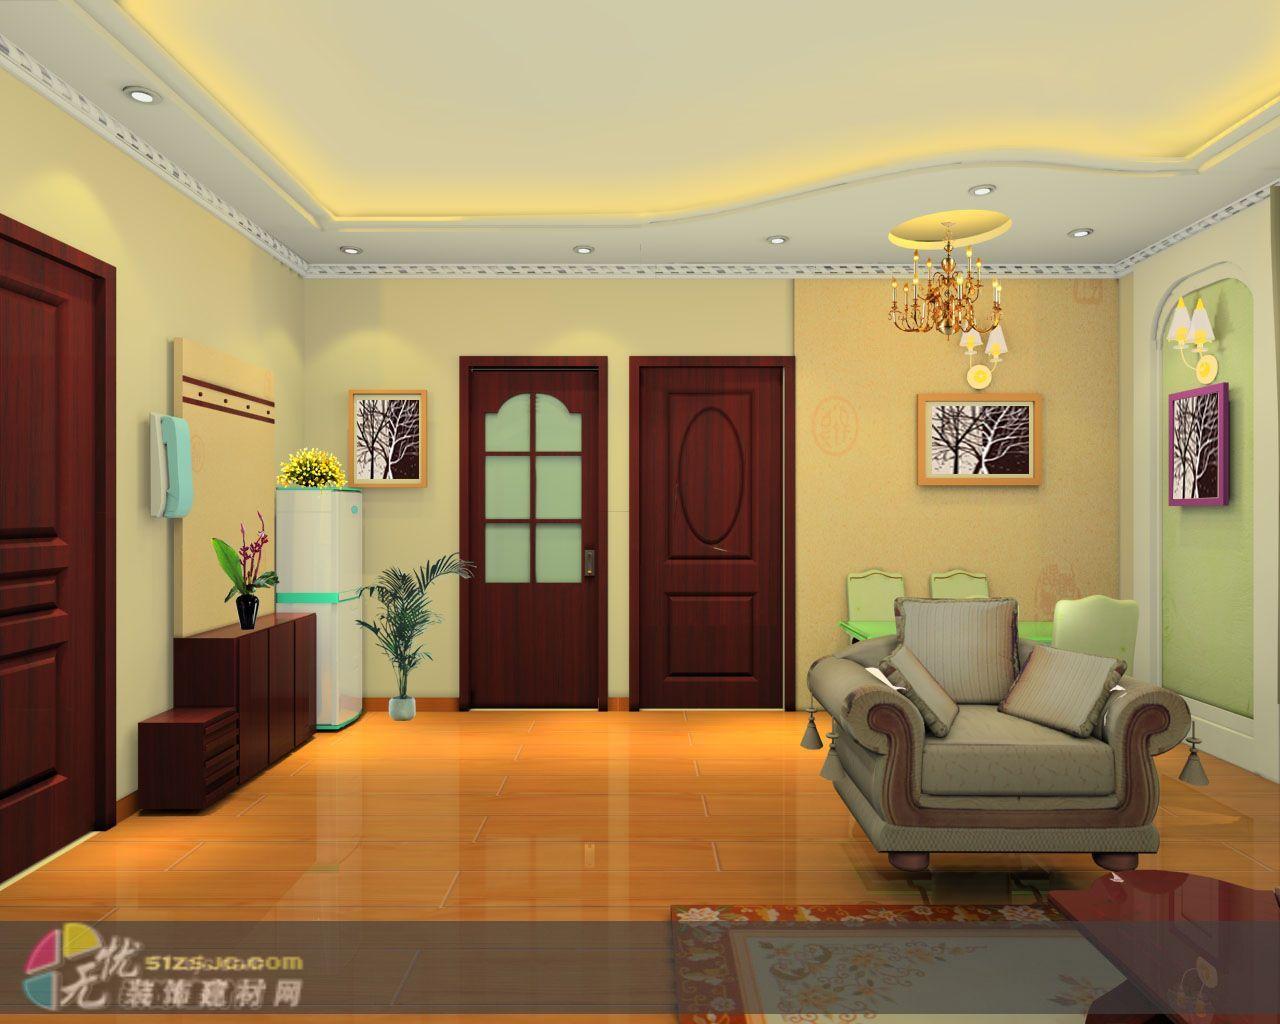 卧室石膏线 装饰效果图,室内装修图,装饰图库装,修设计图